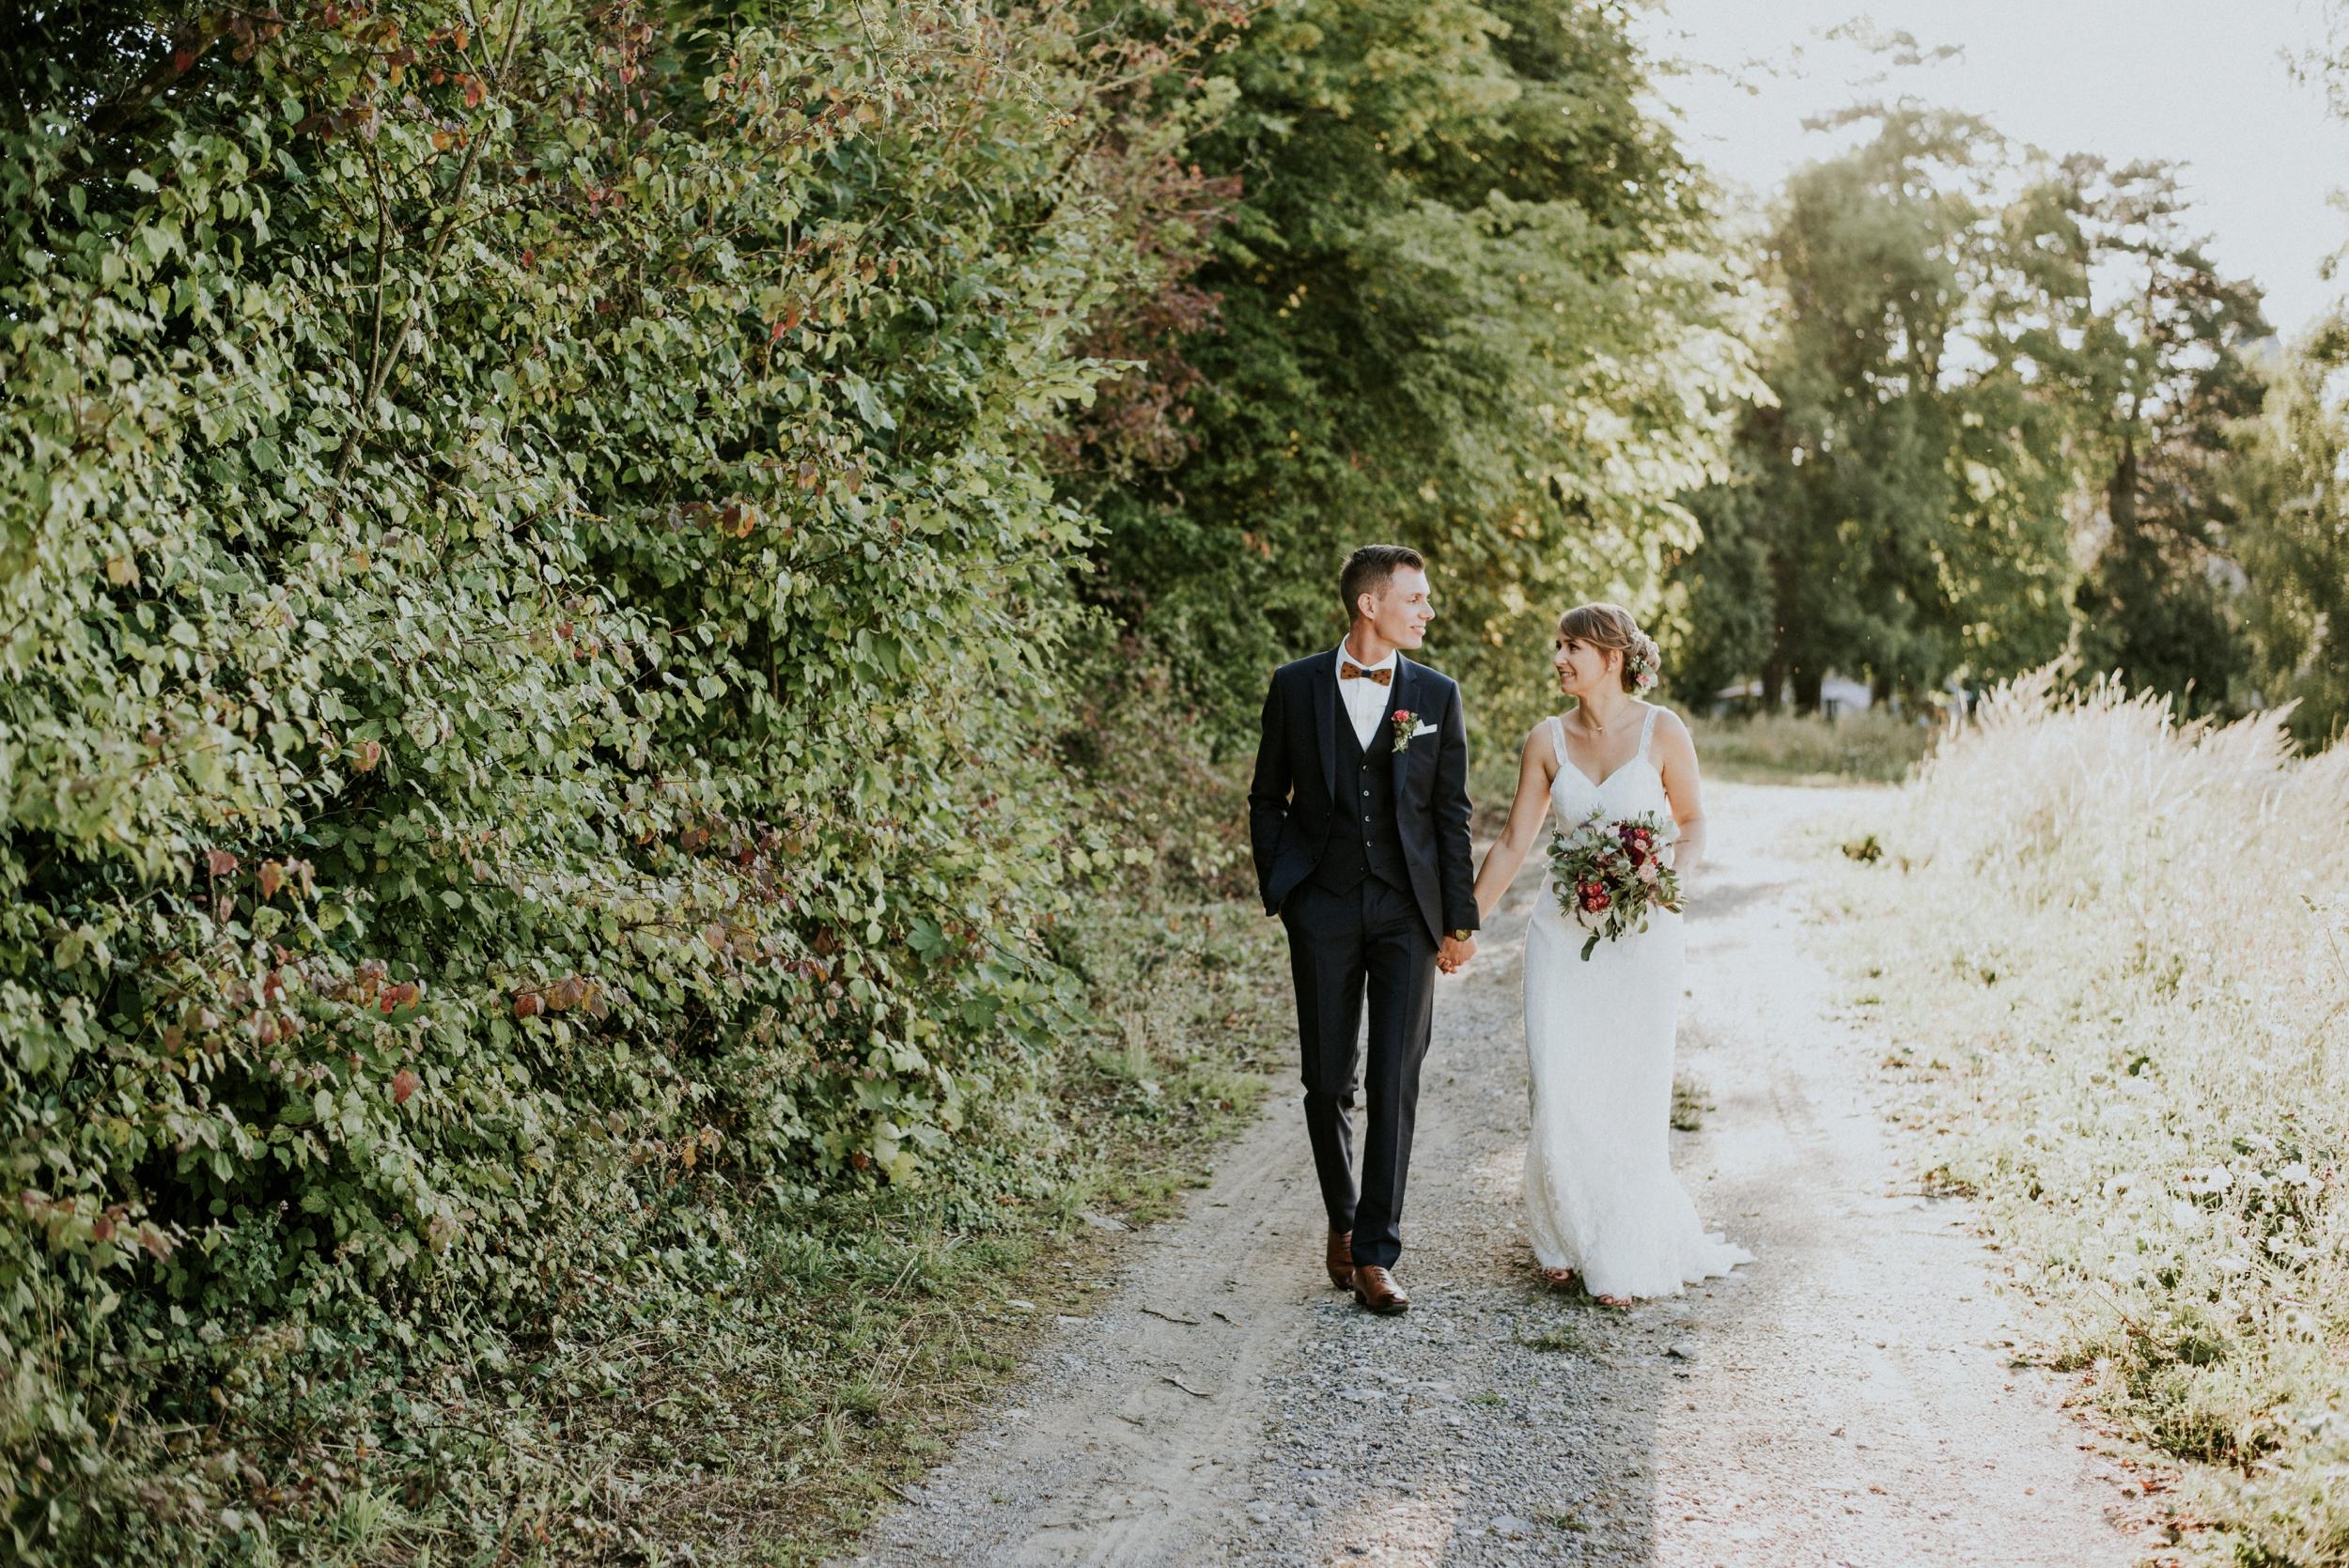 photographe mariage rhone alpes grenoble lyon annecy geneve montagne ceremonie laique_0022